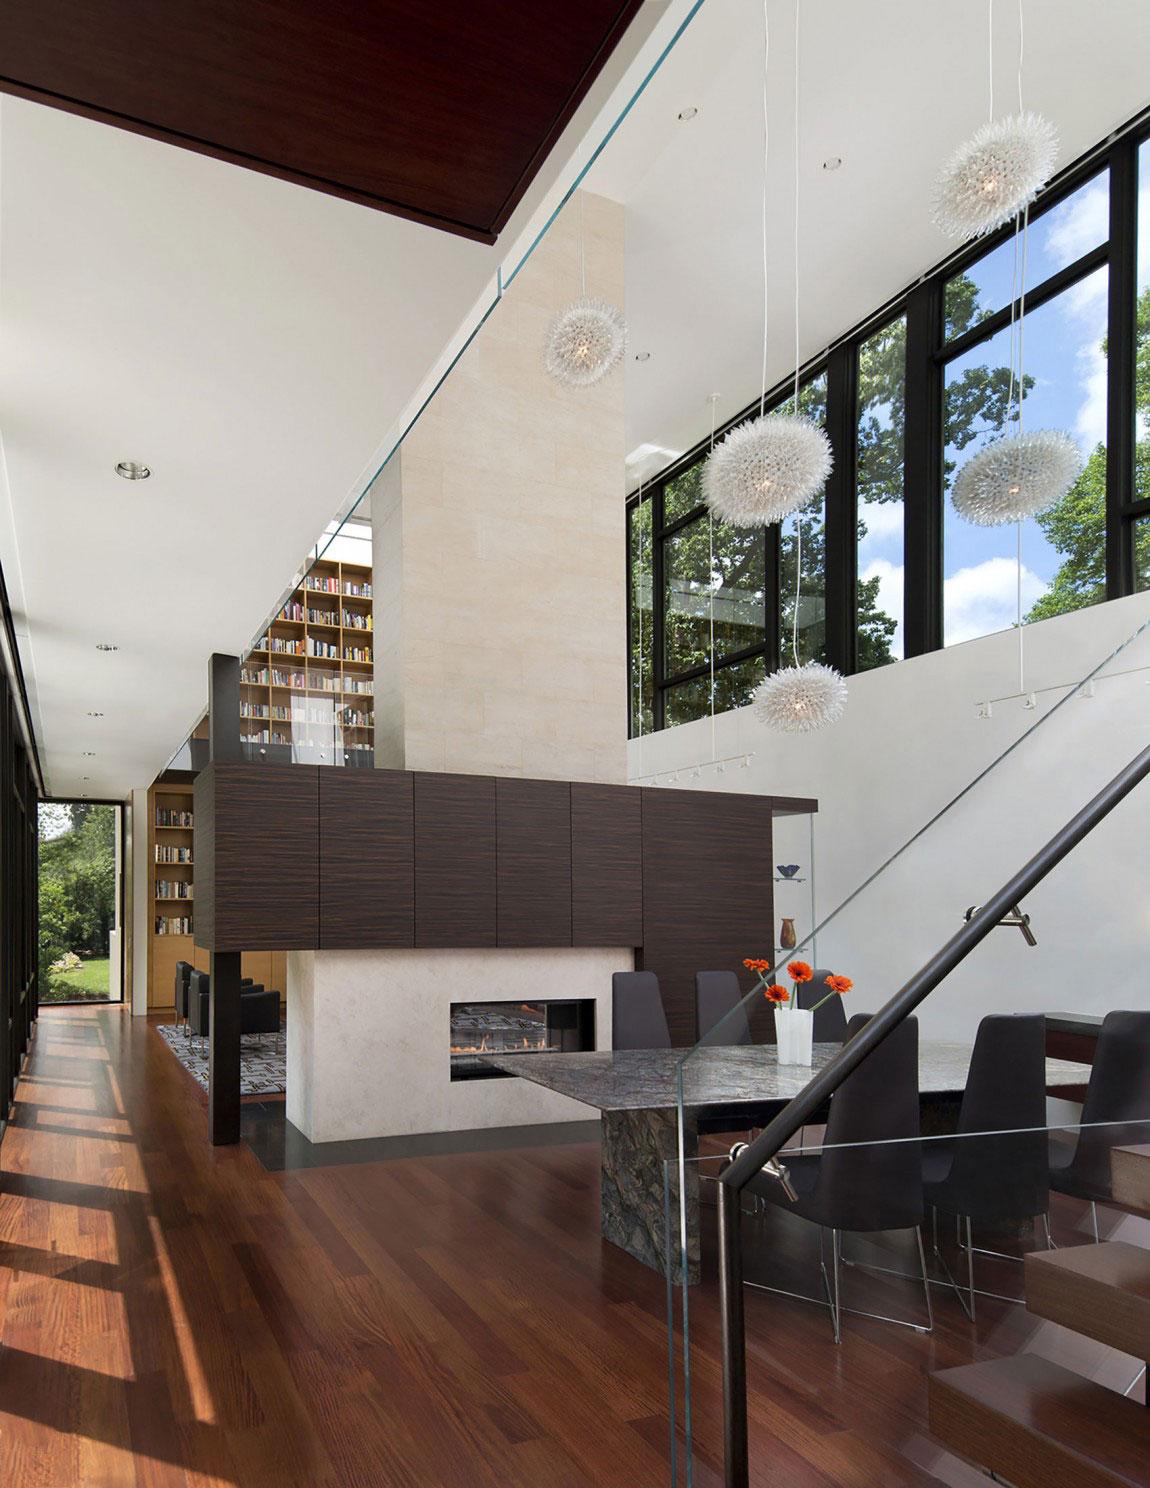 Brandywine-huset-är-en-inredningsdesign-och-arkitektur-inspiration-6 Brandywine-huset är en inspiration för inredning och arkitektur